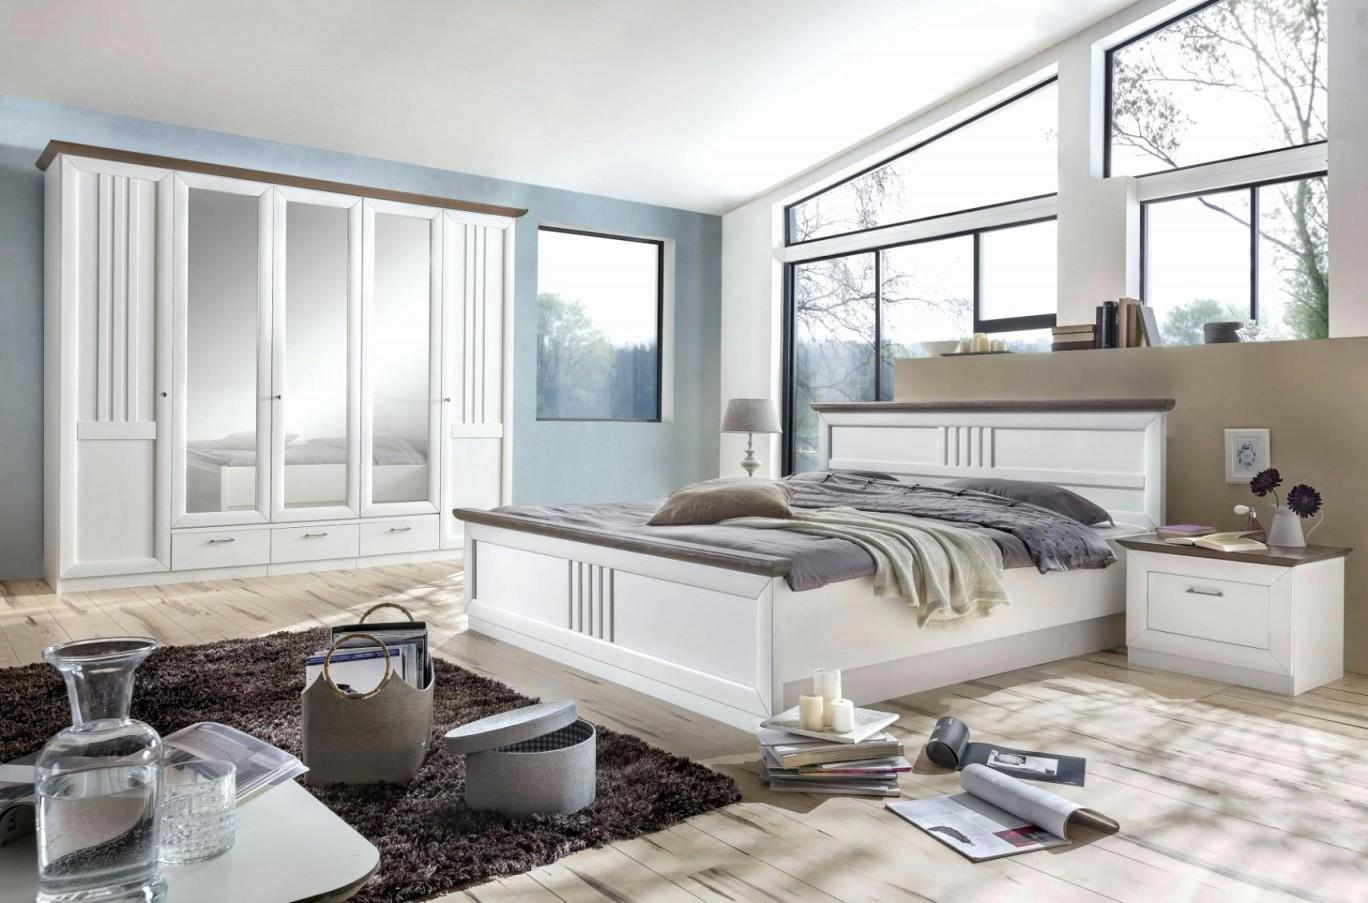 Schlafzimmer Gemütlich Schlafzimmer Landhaus Ideen Cool von Landhaus Schlafzimmer Ideen Bild